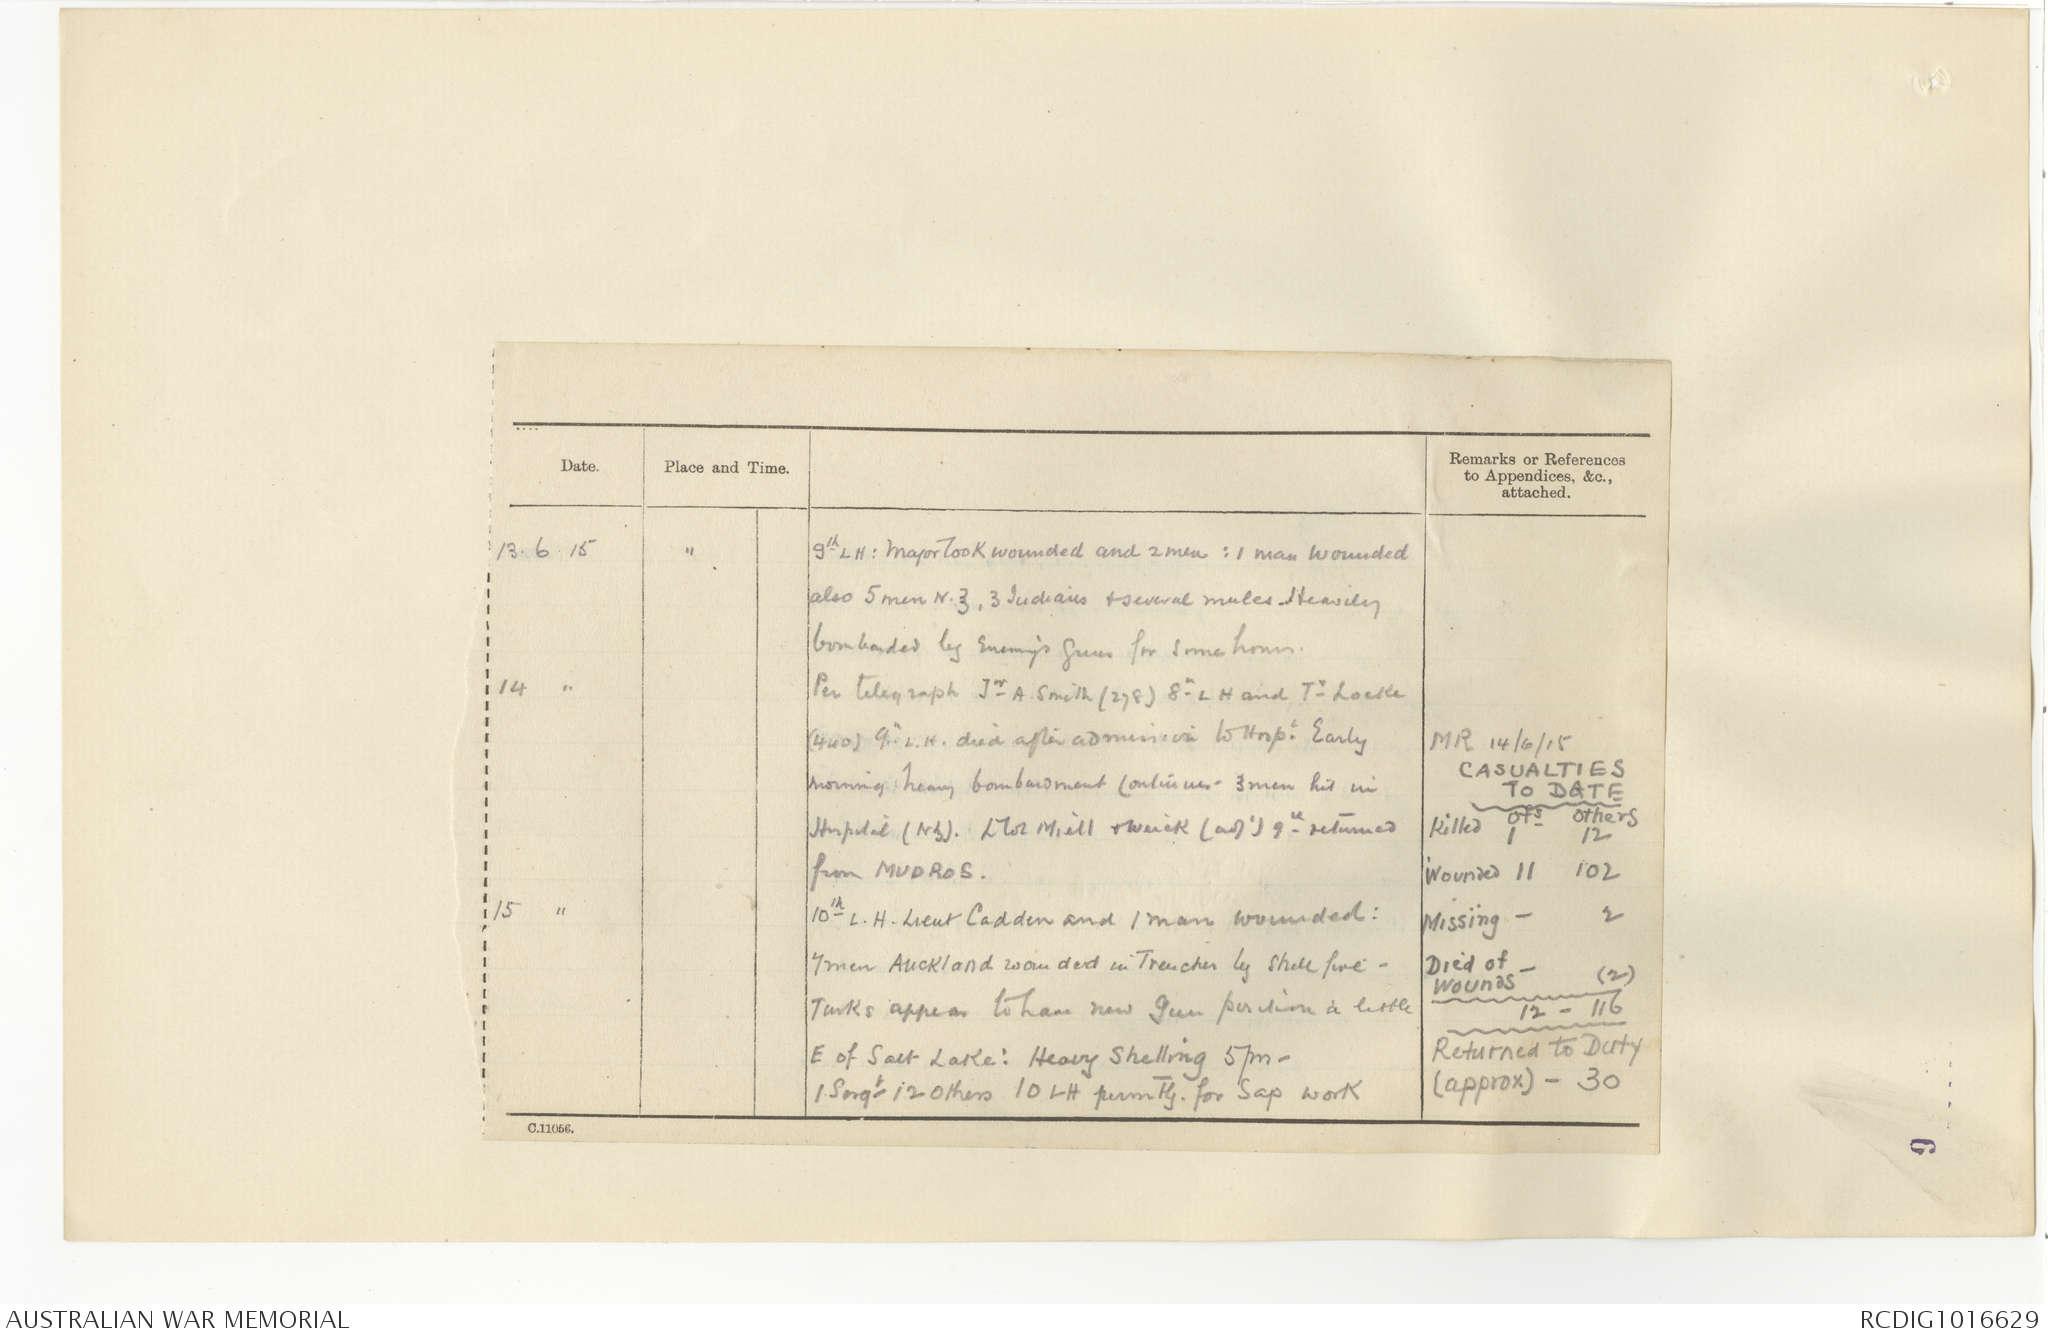 AWM4 10/3/4 - June 1915 | The Australian War Memorial